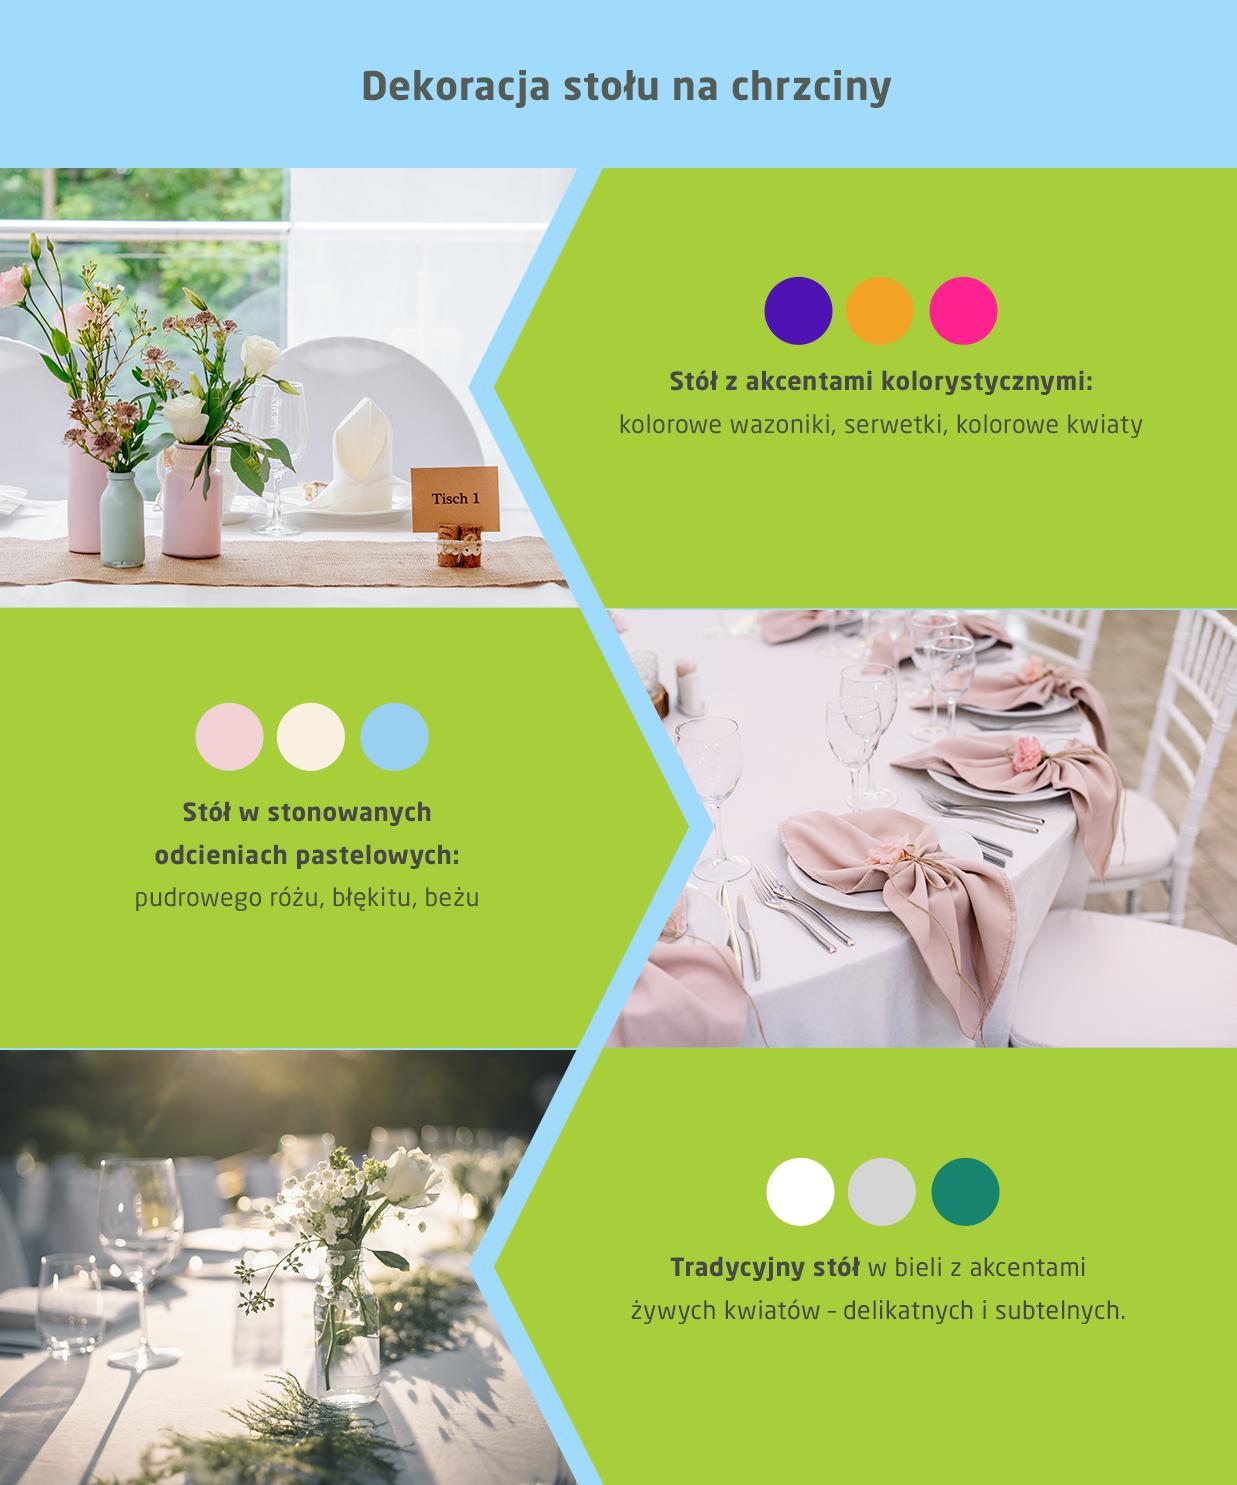 Dekoracja stołu na chrzciny - przykłady kolorów